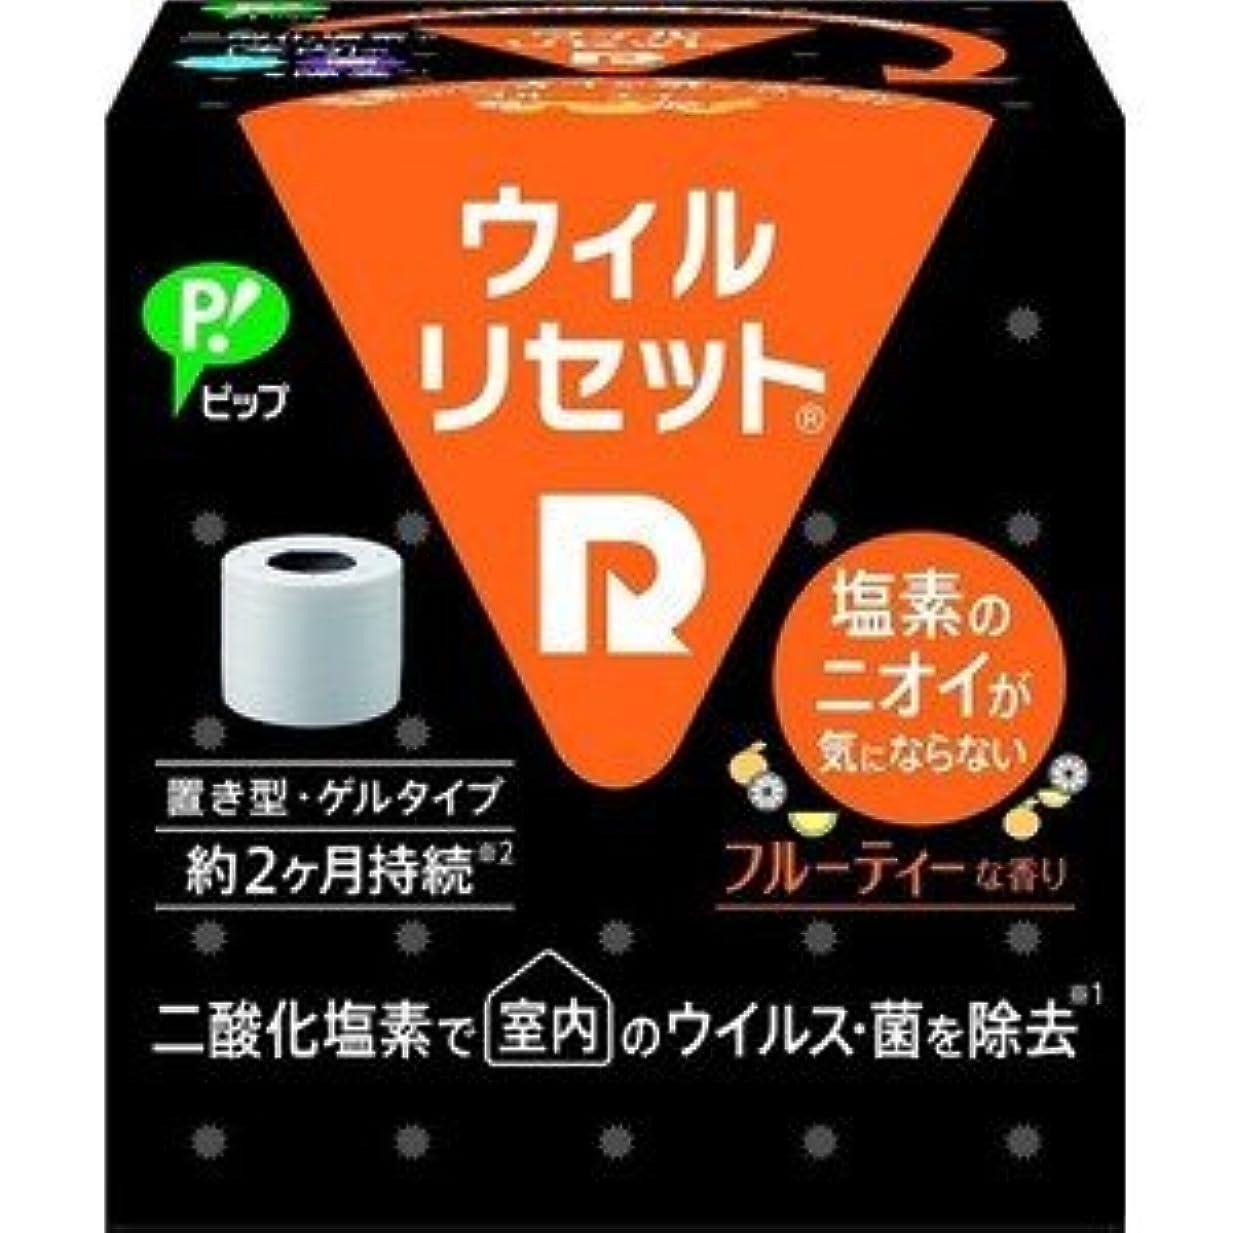 抵抗ホーン謝罪ウィルリセット フルーティーな香り 置き型ゲルタイプ 約2ヶ月持続 ピップ